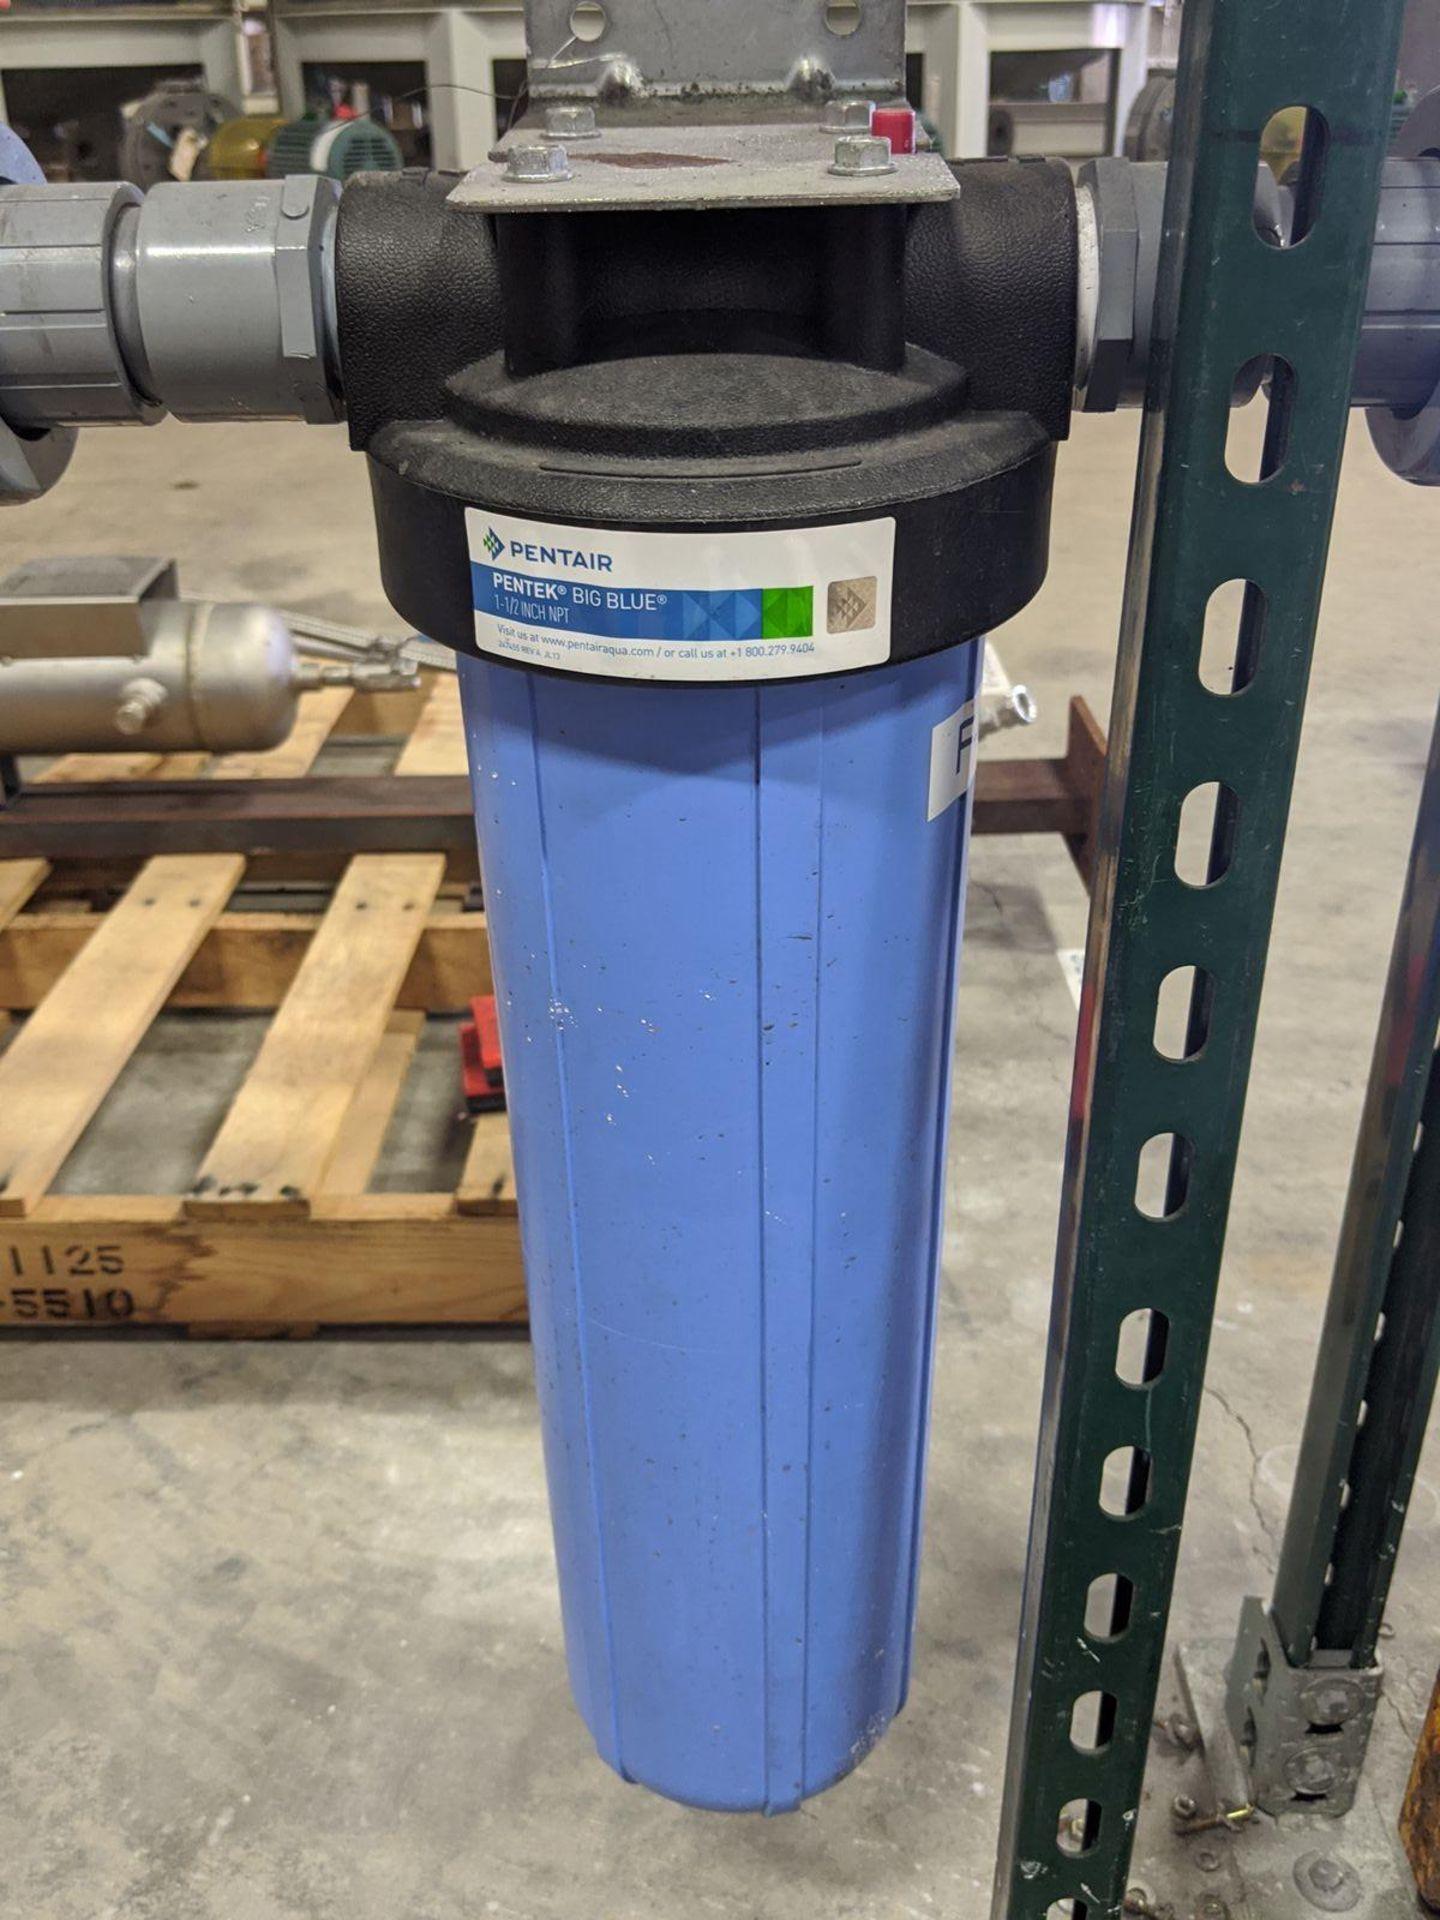 """Pentair Model Pentek Big Blue 20"""" Filter Housings - Image 2 of 4"""